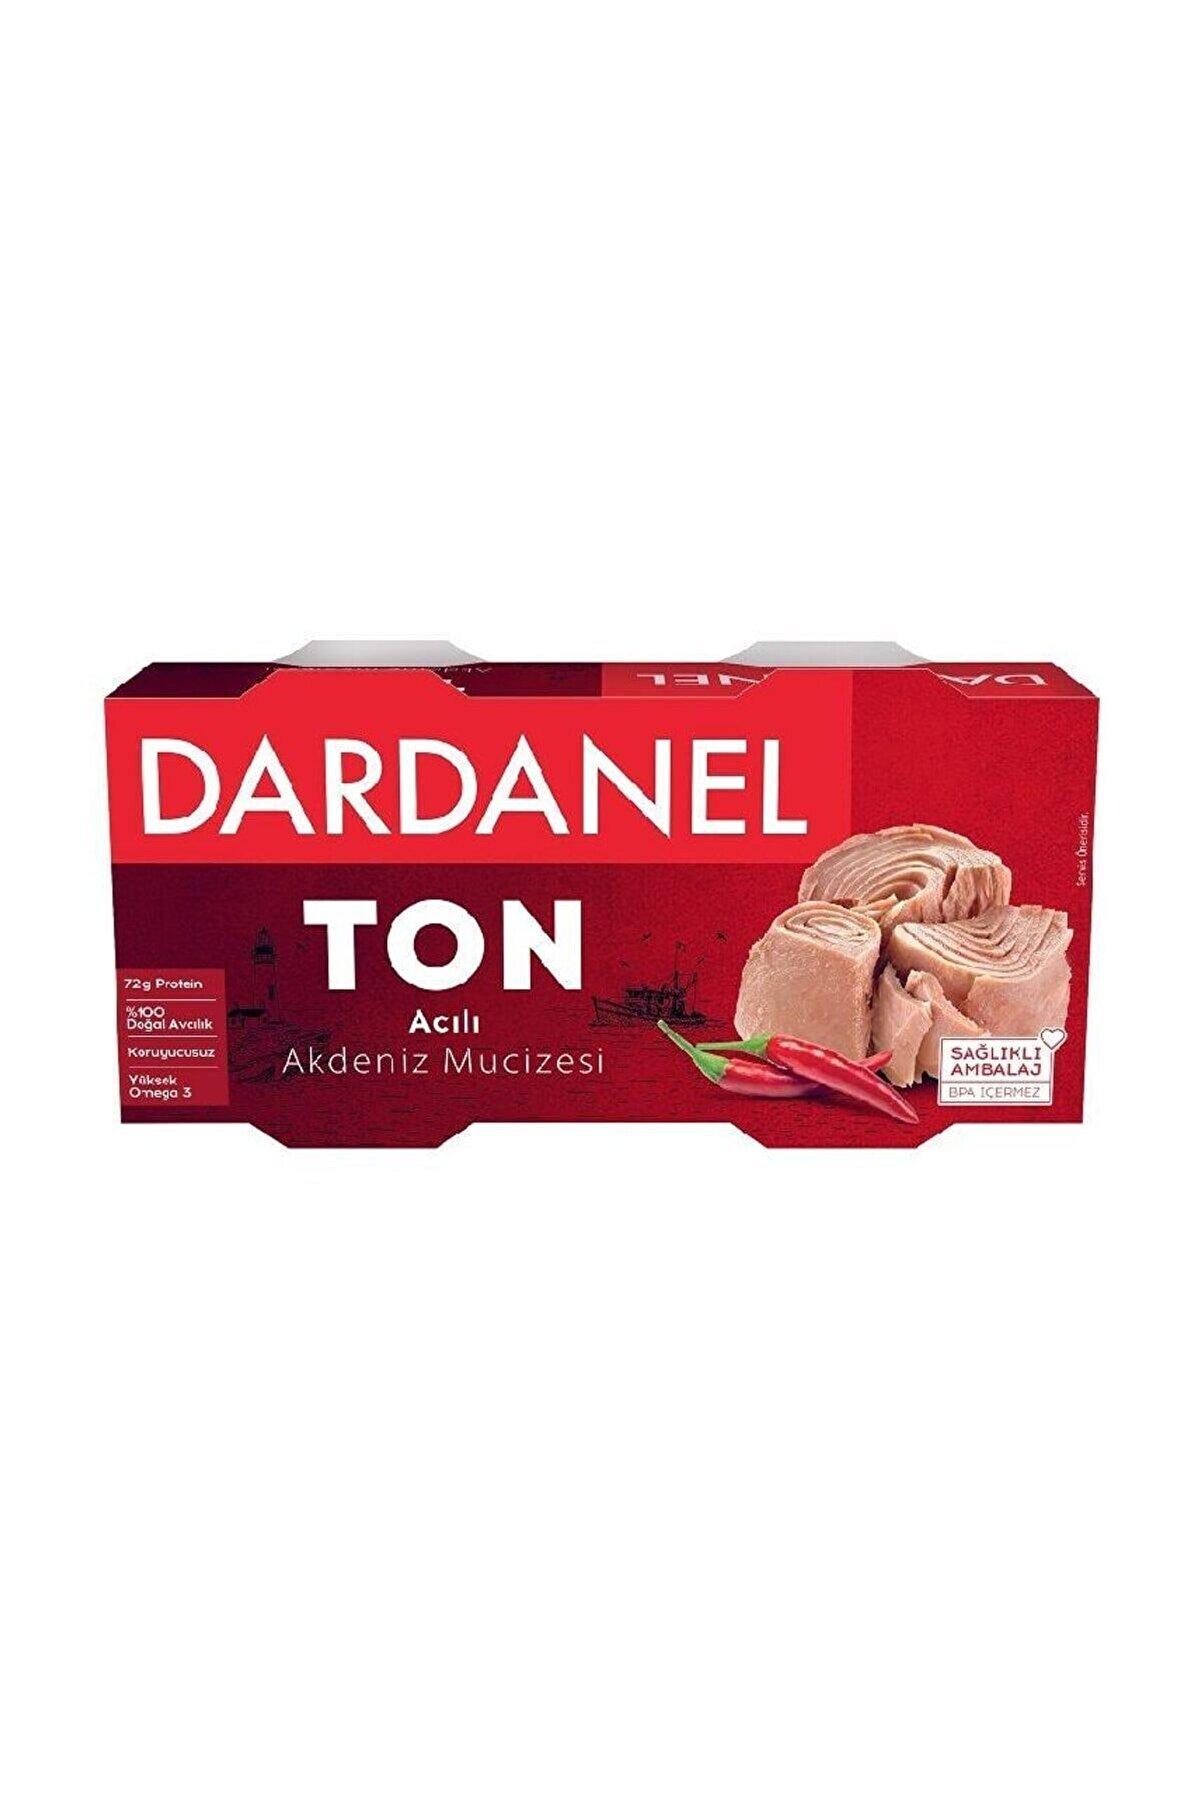 Dardanel Acılı Ton Balık 2x150 gr